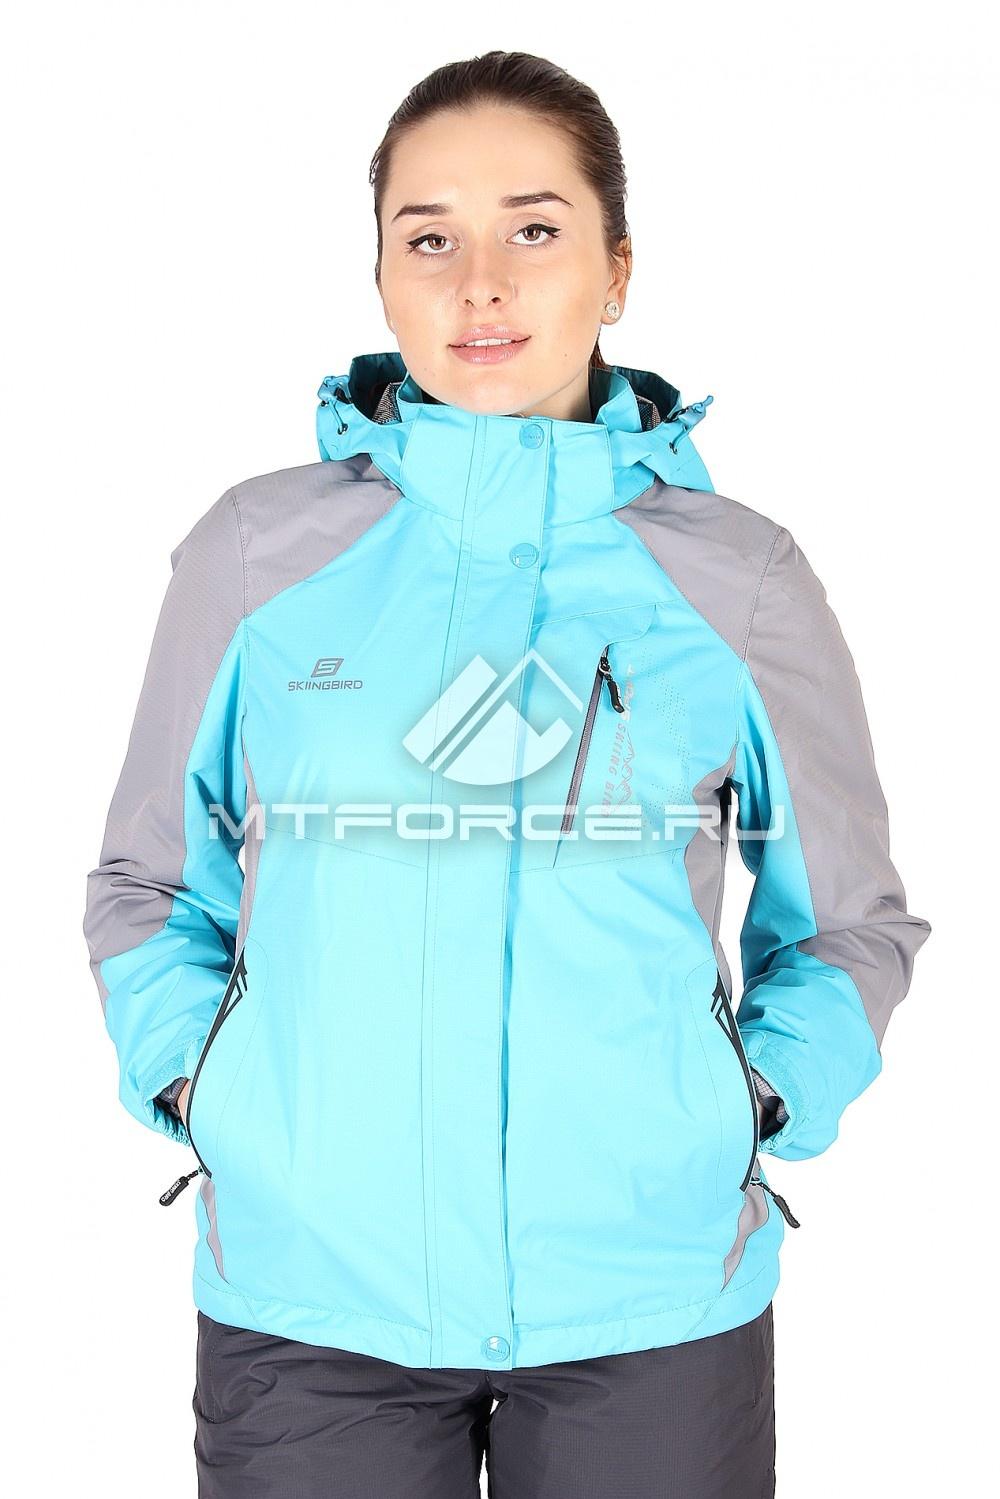 Купить                                  оптом Куртка спортивная женская весна голубого цвета 1612Gl